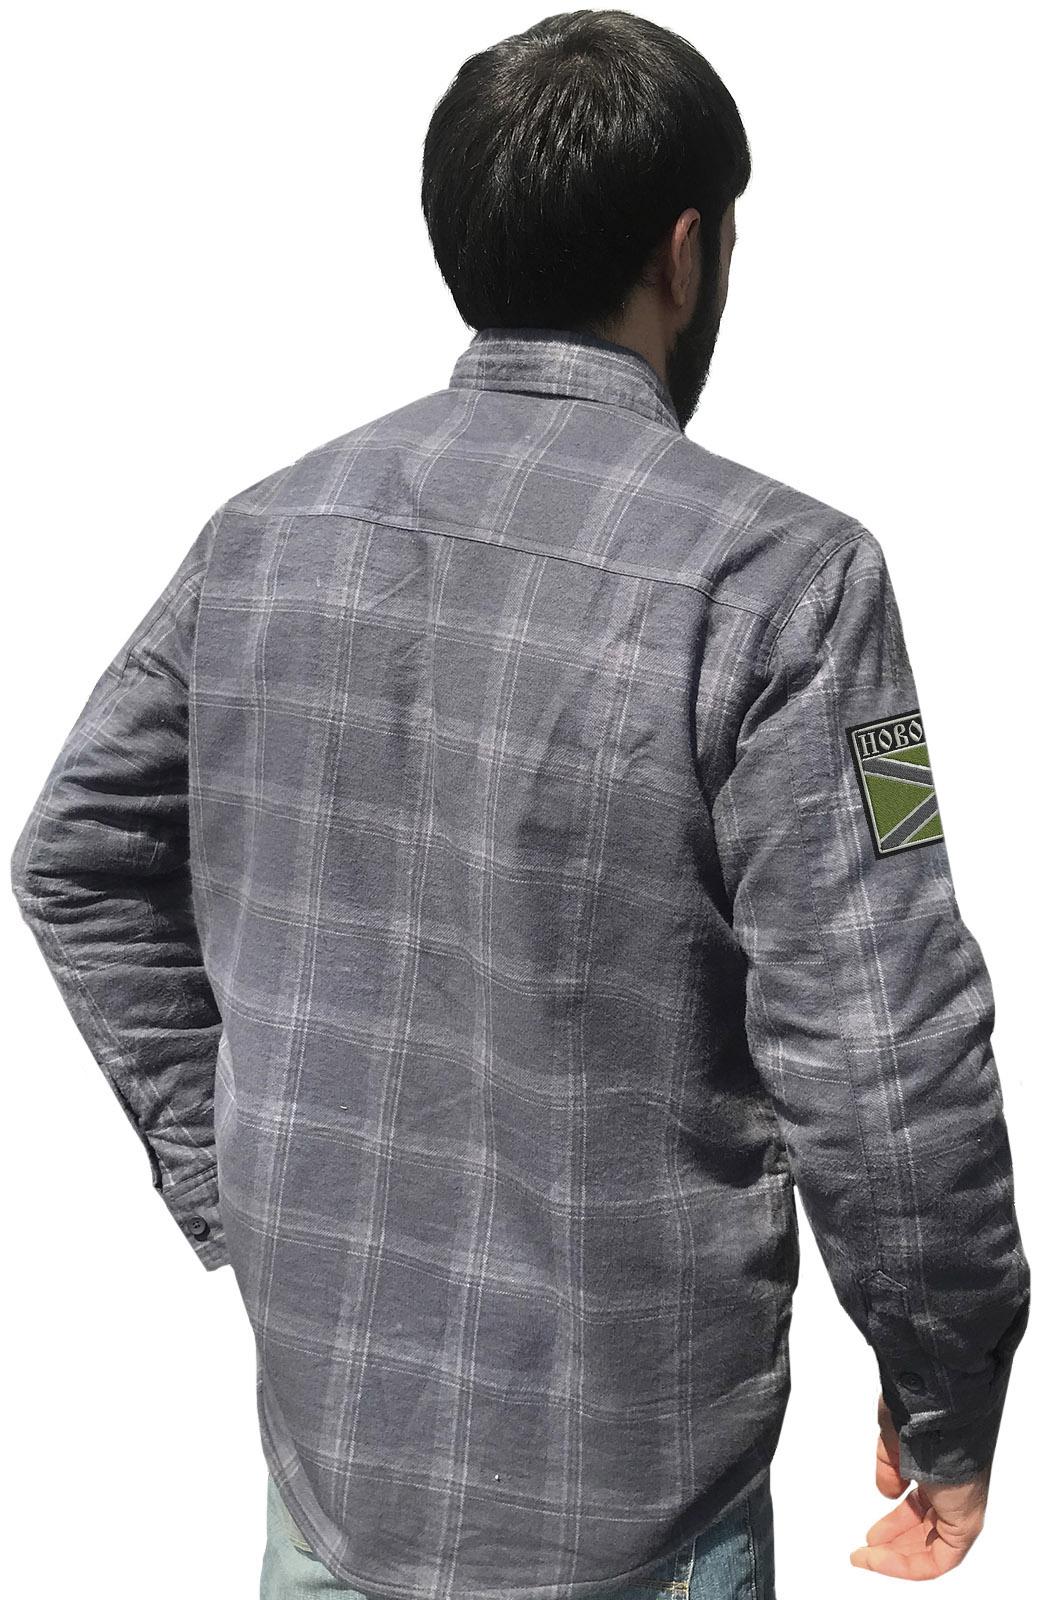 Купить теплую рубашку с вышитым полевым шевроном Новороссия с доставкой в любой город